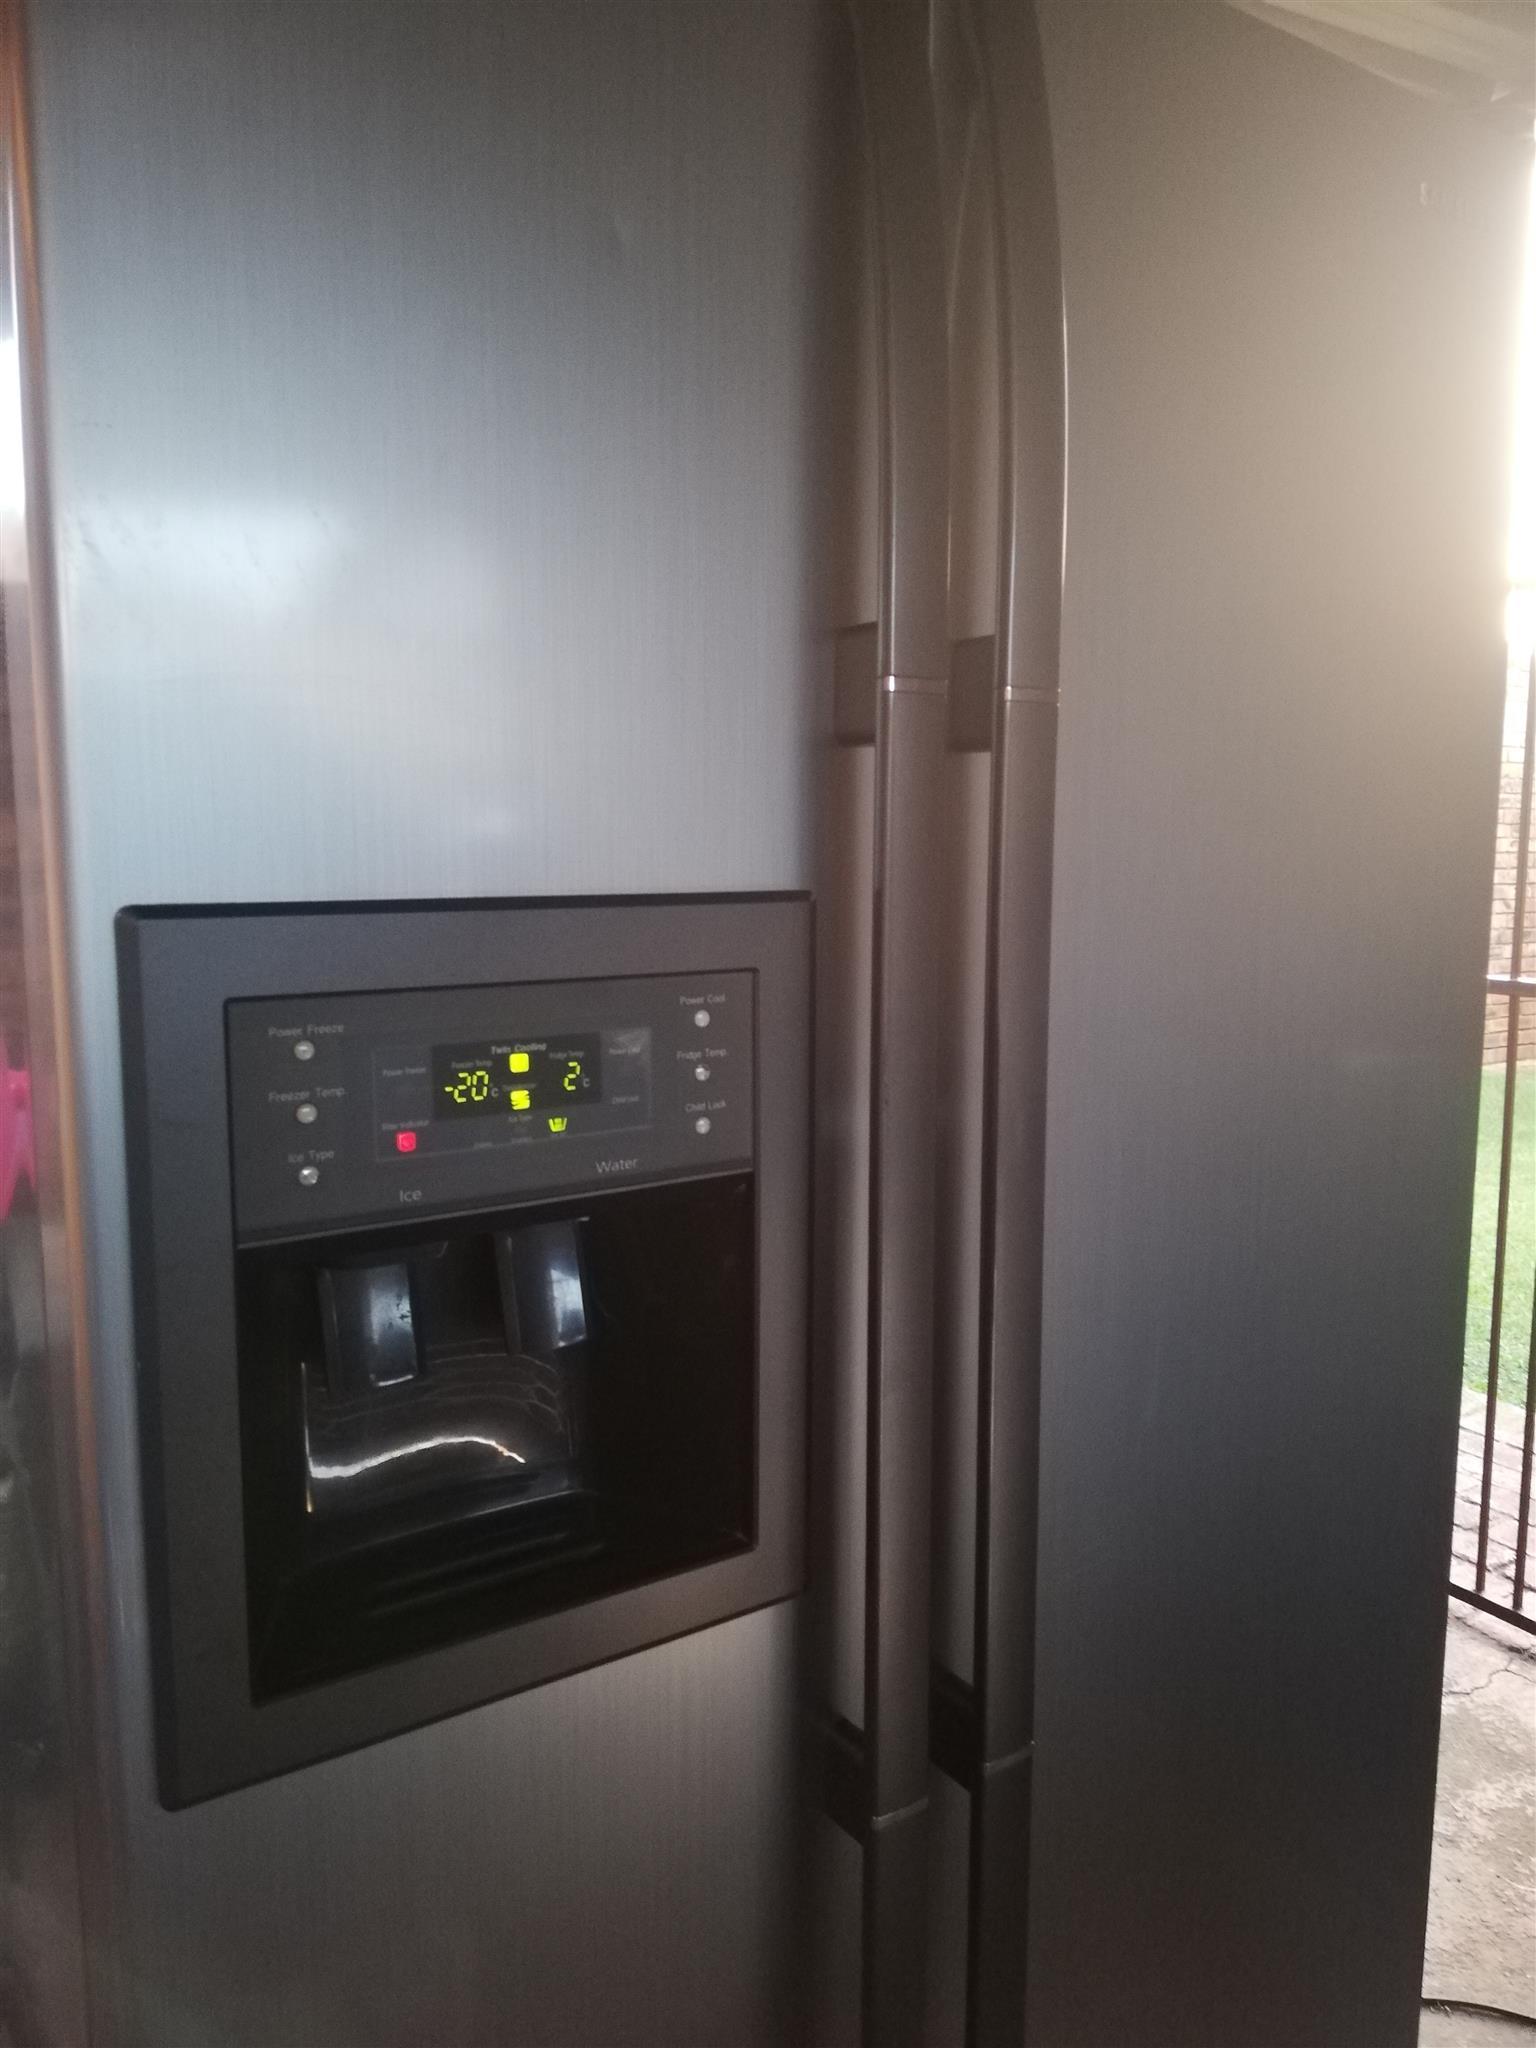 Samsung double door fridge /freezer for sale